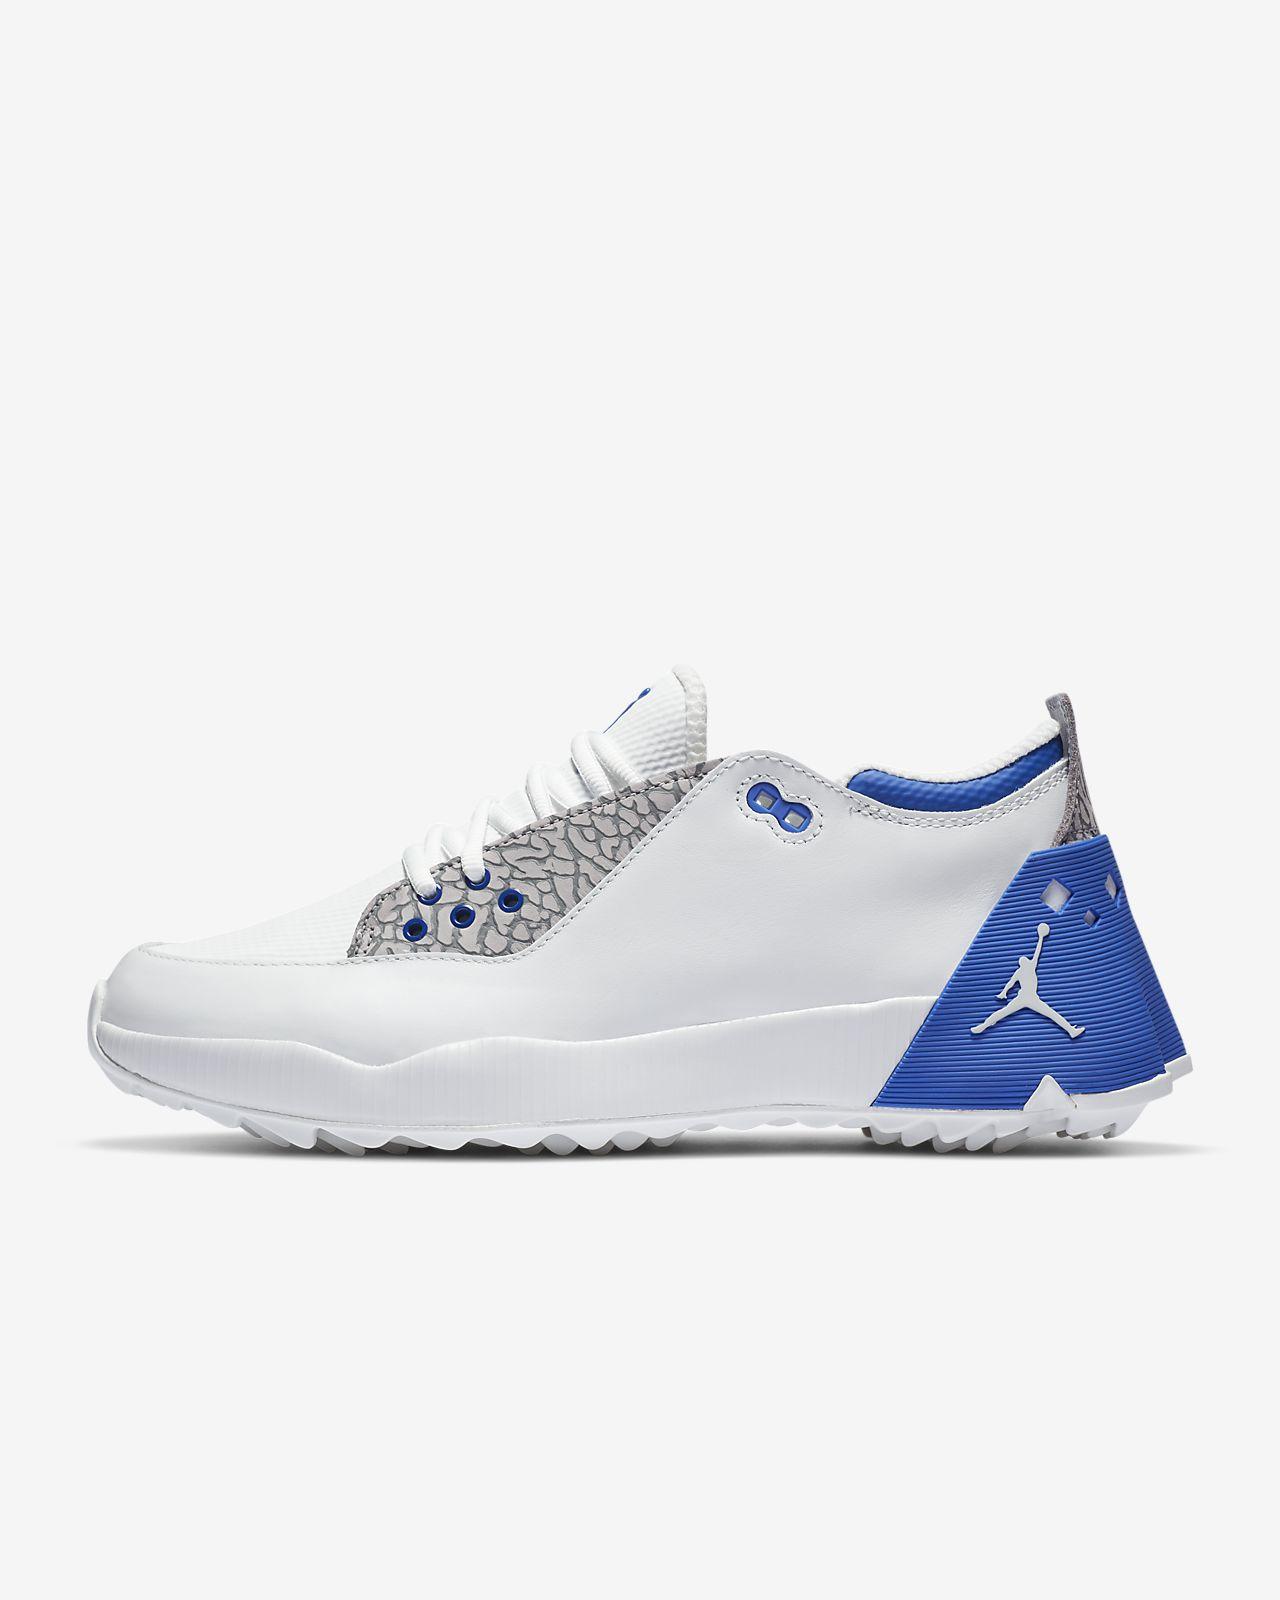 Chaussure de golf Jordan ADG 2 pour Homme